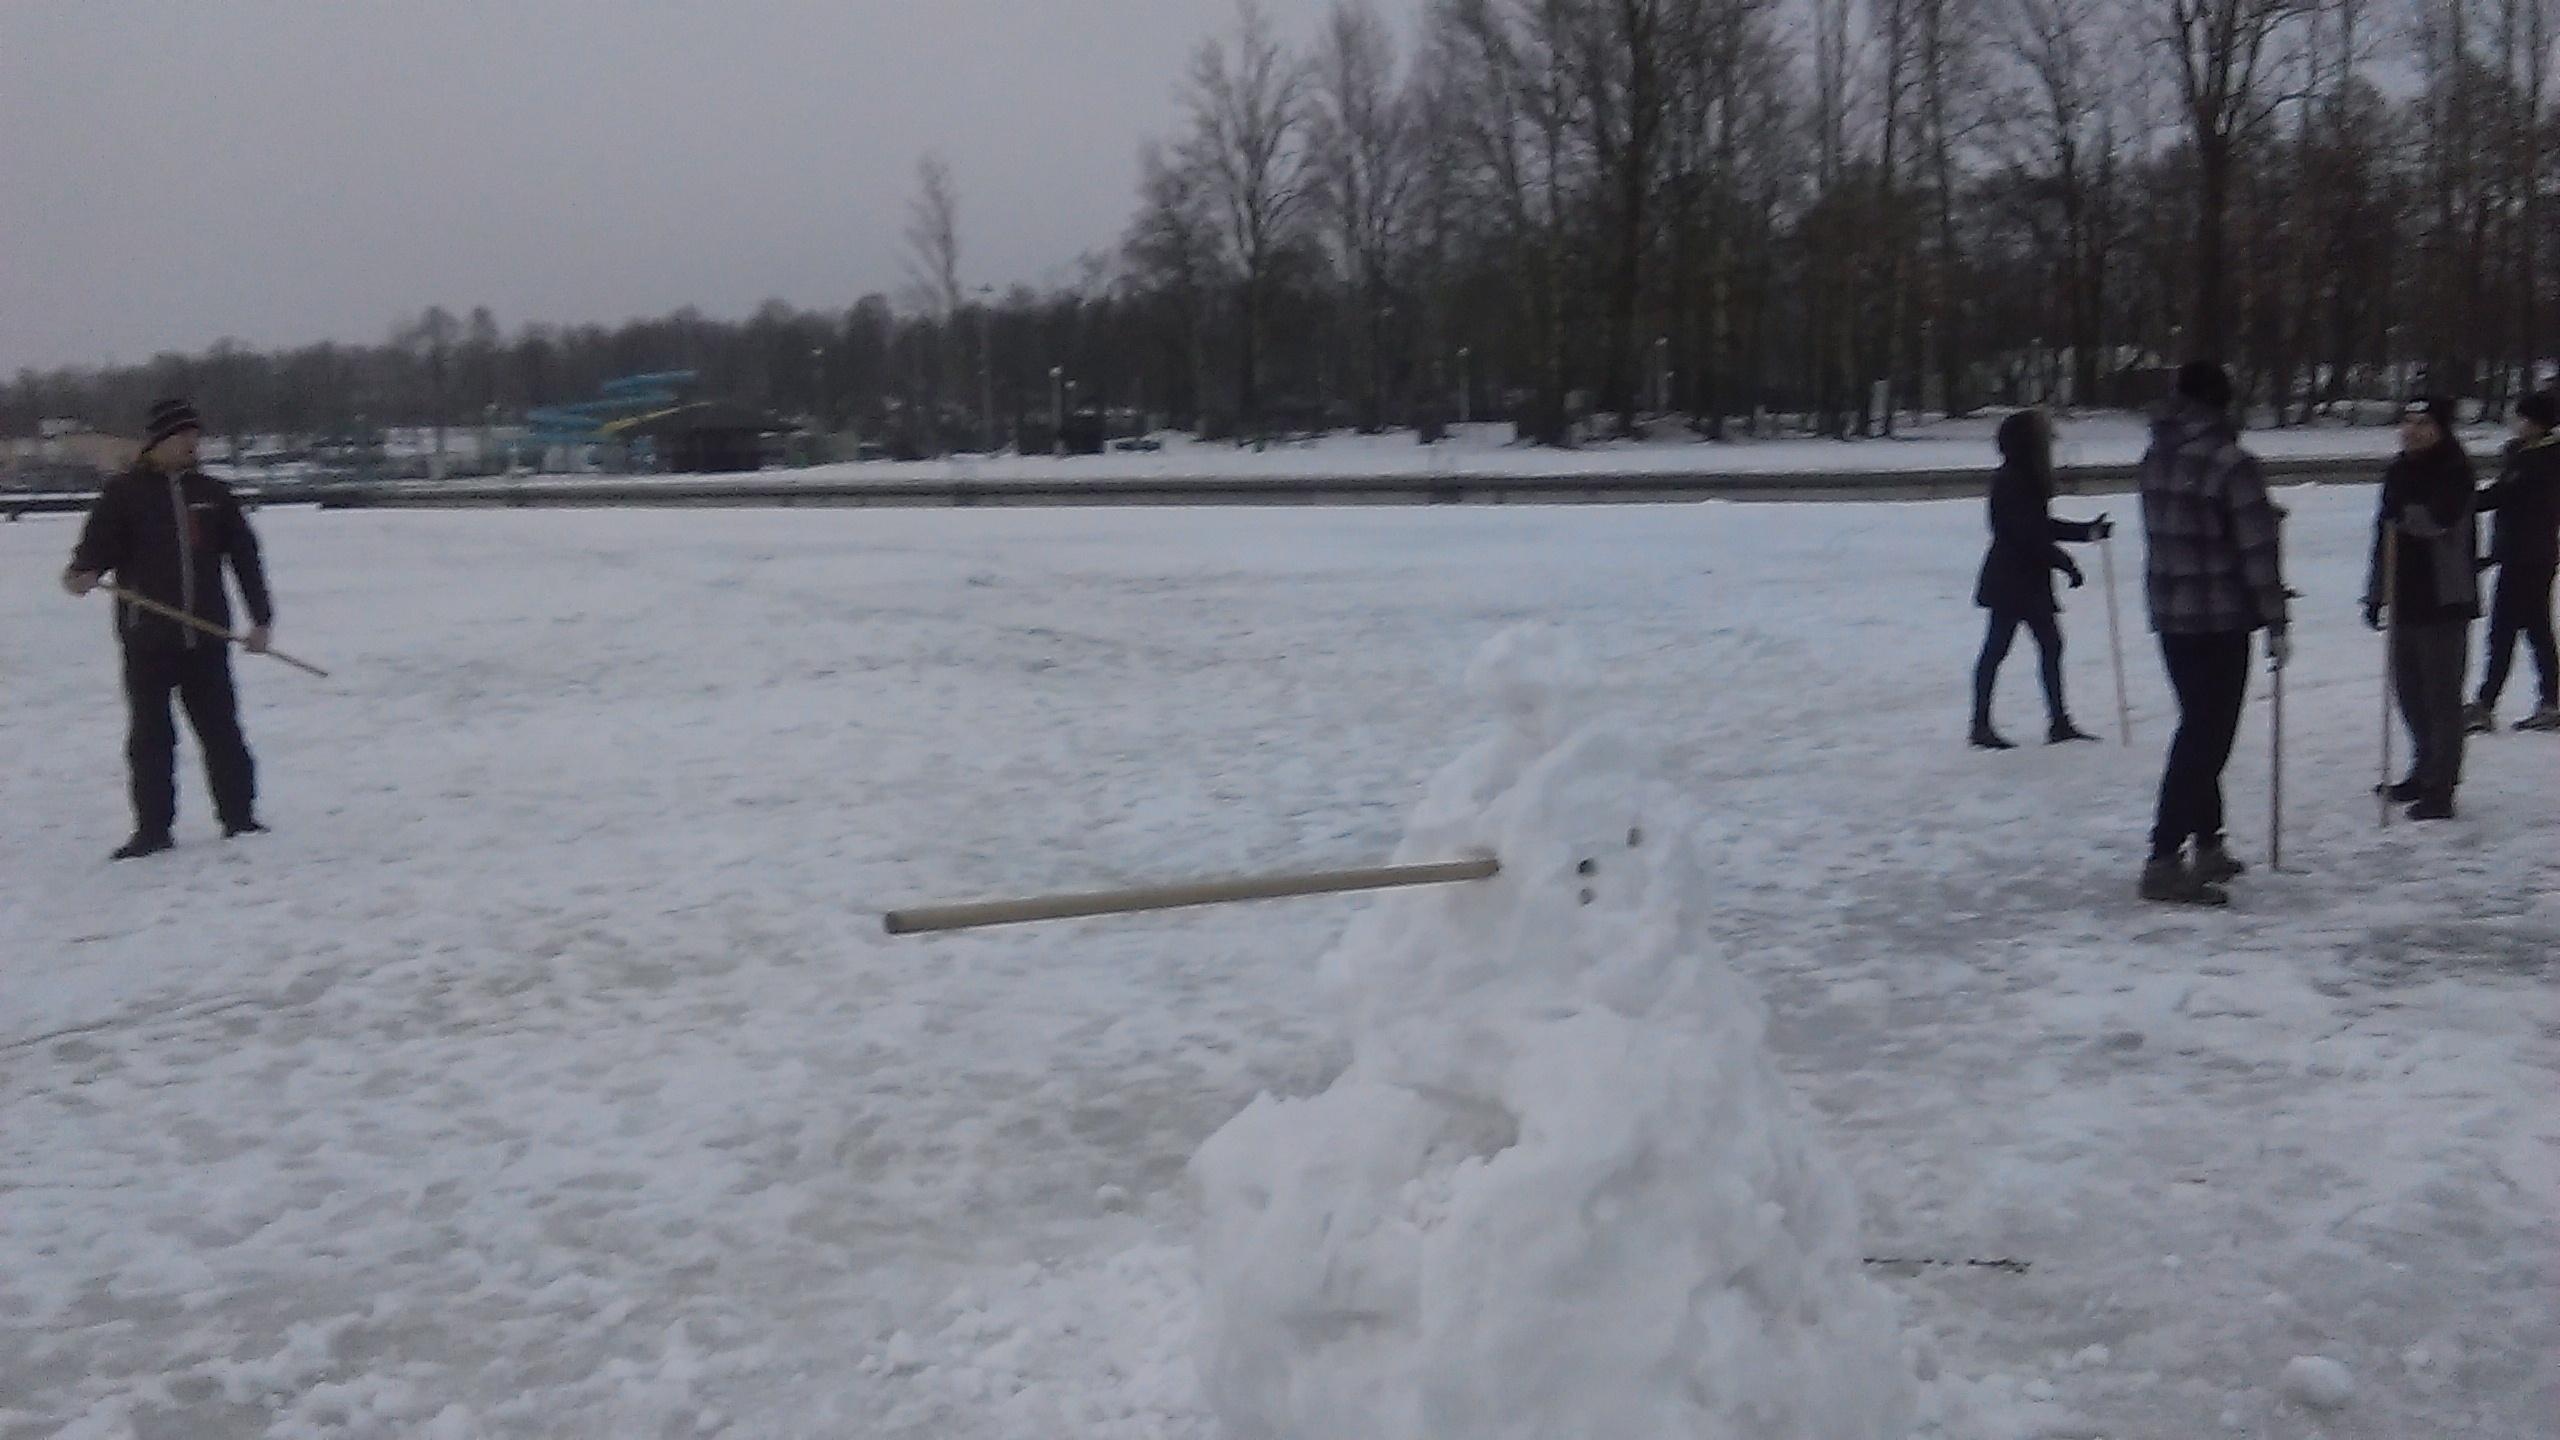 Zimowy Trening aikido Lublin na lodzie Zalewu zemborzyckiego